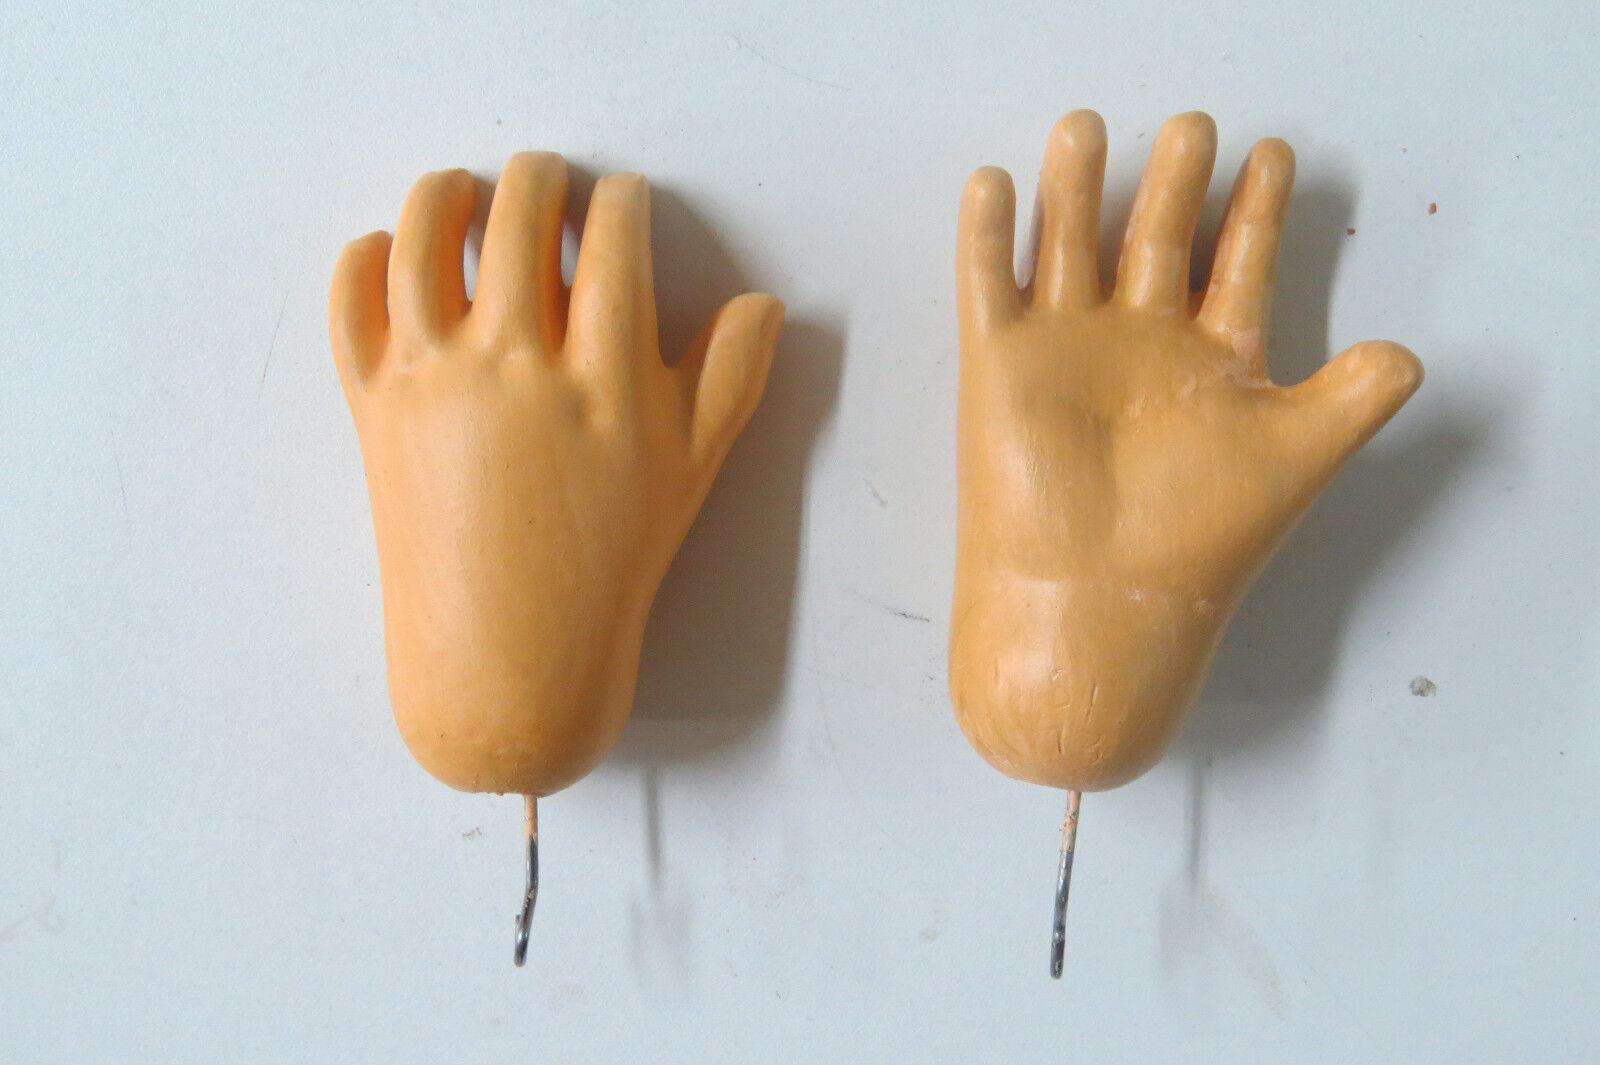 Mains standard pour  poupées anciennes  SFBJ 13  Antique doll hands Standard